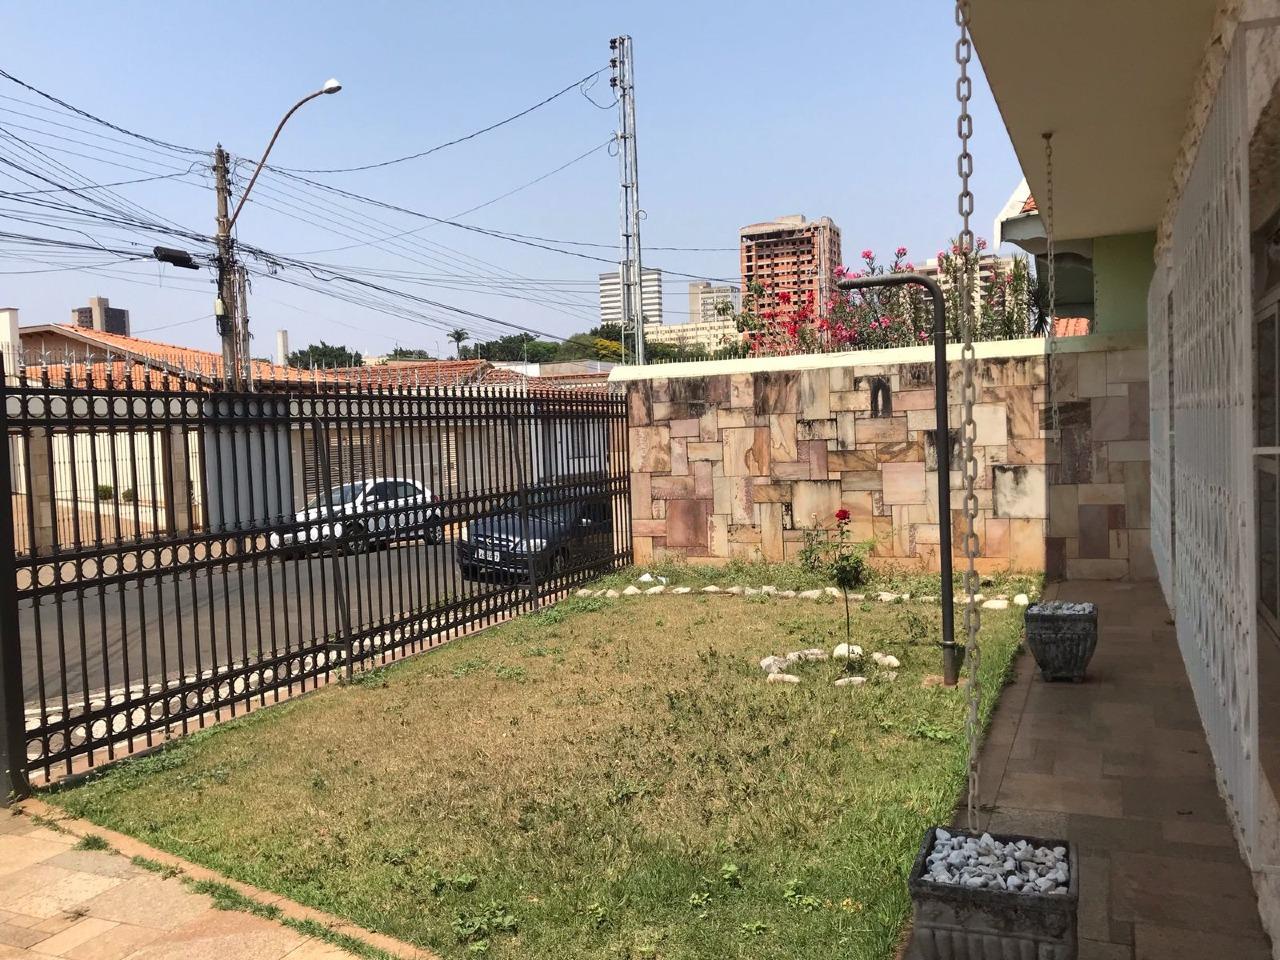 Casa para comprar, 4 quartos, 1 suíte, no bairro Cidade Alta em Piracicaba - SP